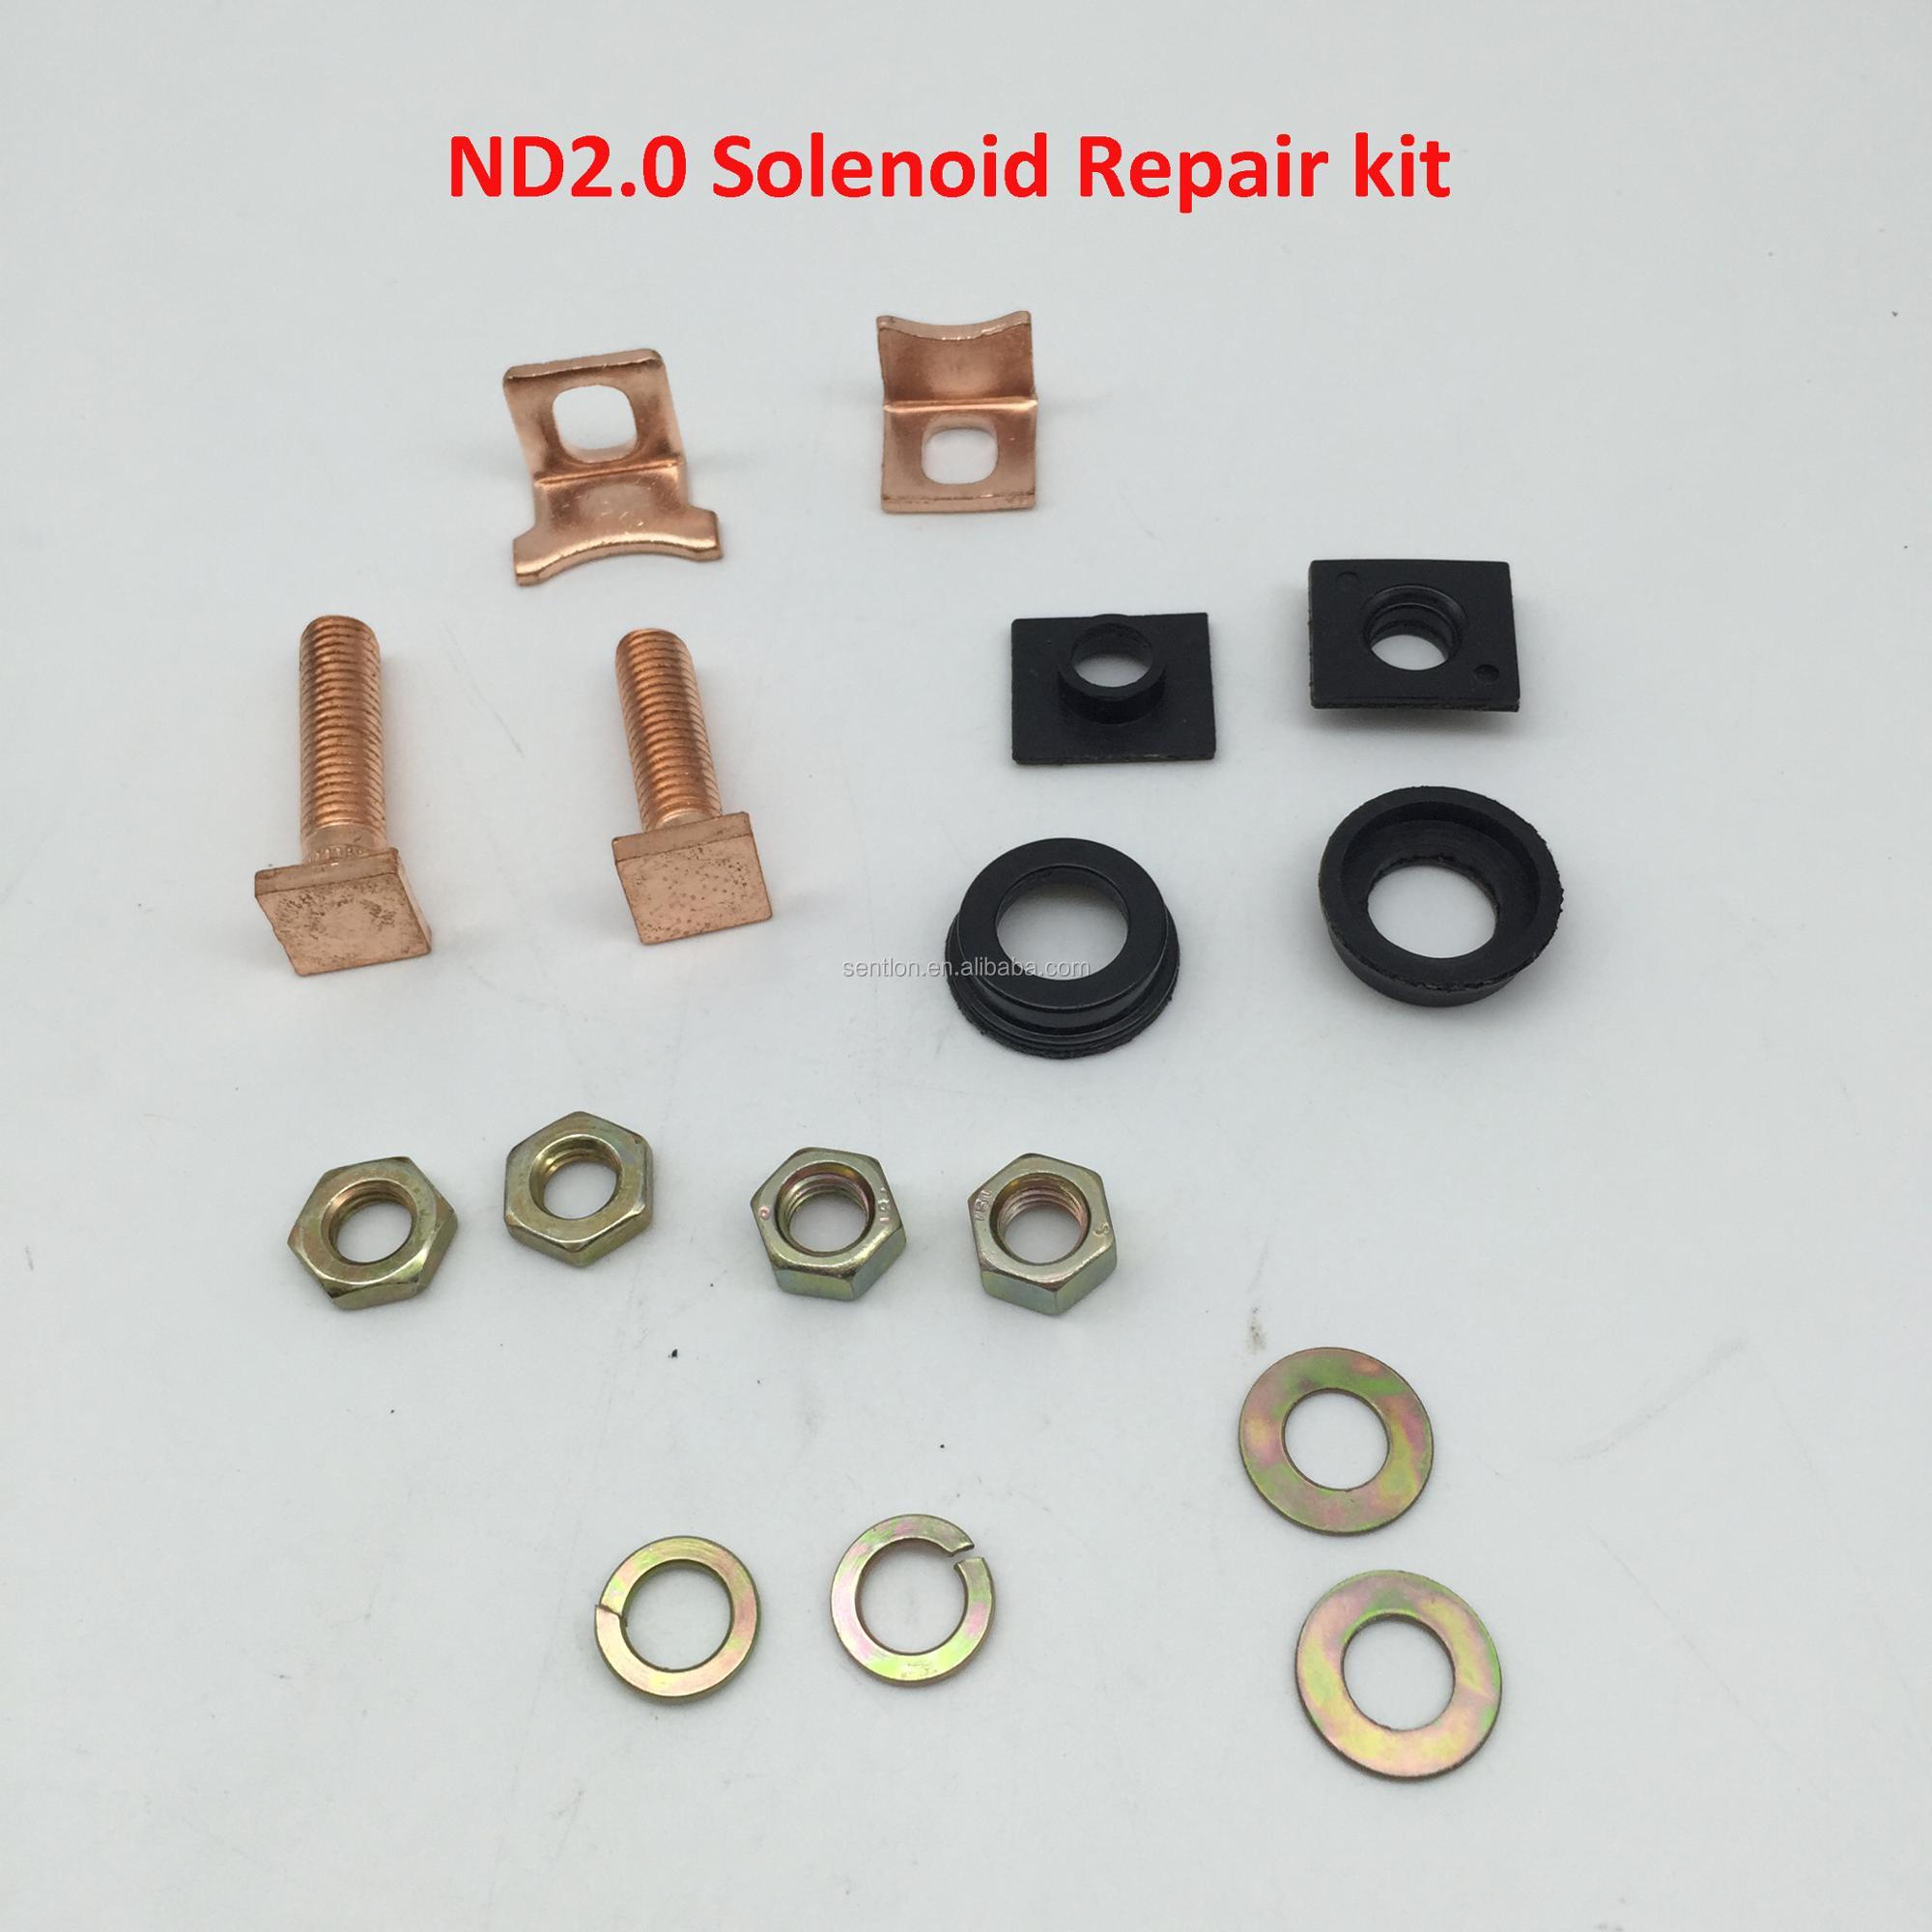 Kit de reparaci/ón de solenoide de arranque Soleniod Rebuild